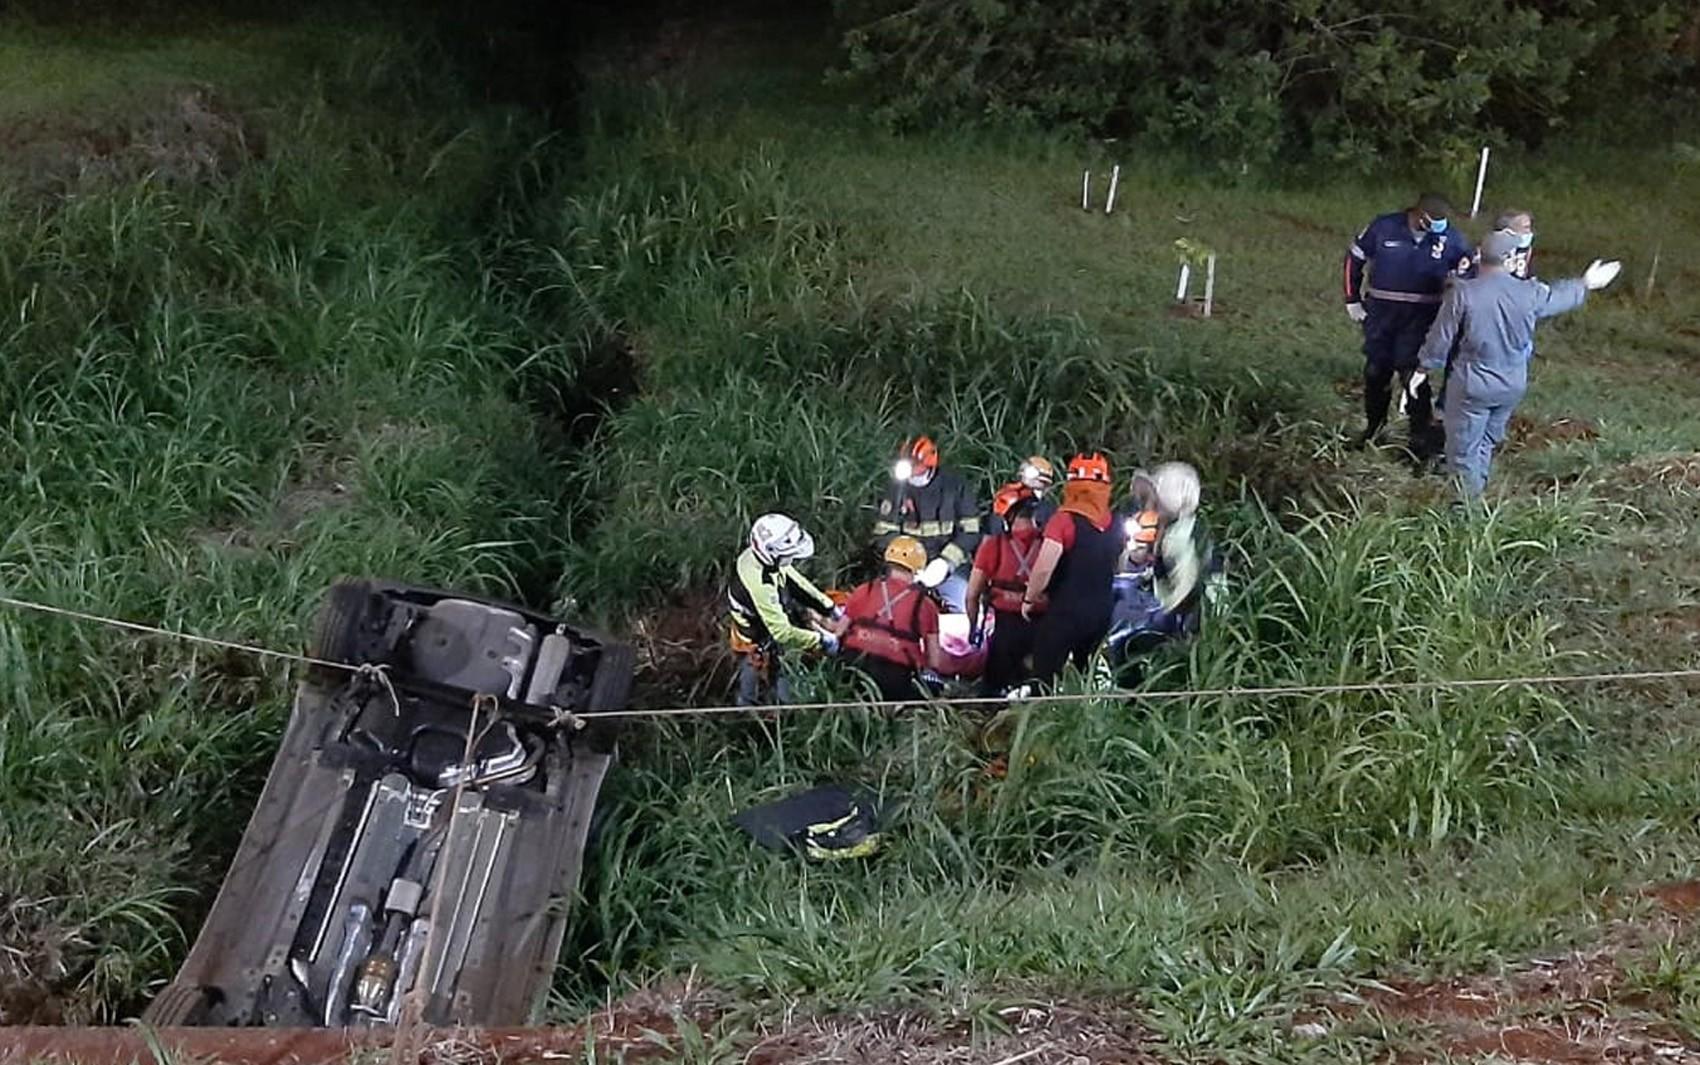 Mulheres ficam feridas após carro cair no córrego Retiro Saudoso em Ribeirão Preto, SP